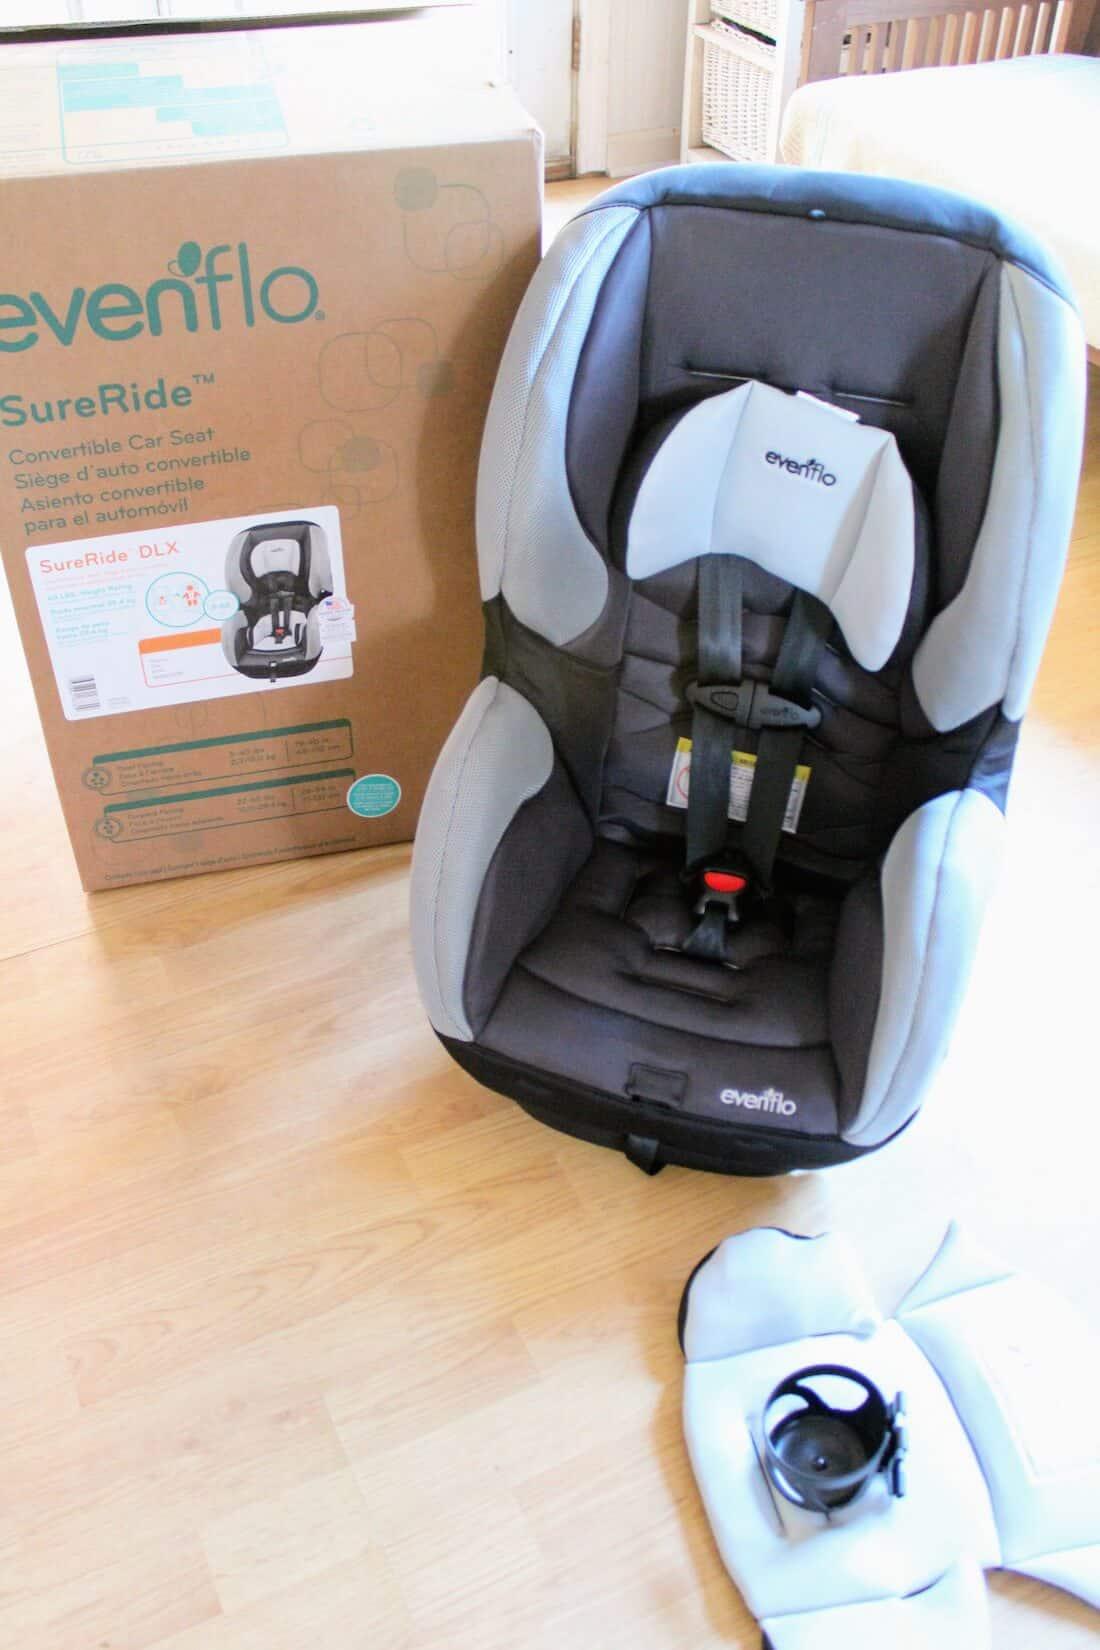 Evenflo Car Seat Review The SureRide DLX